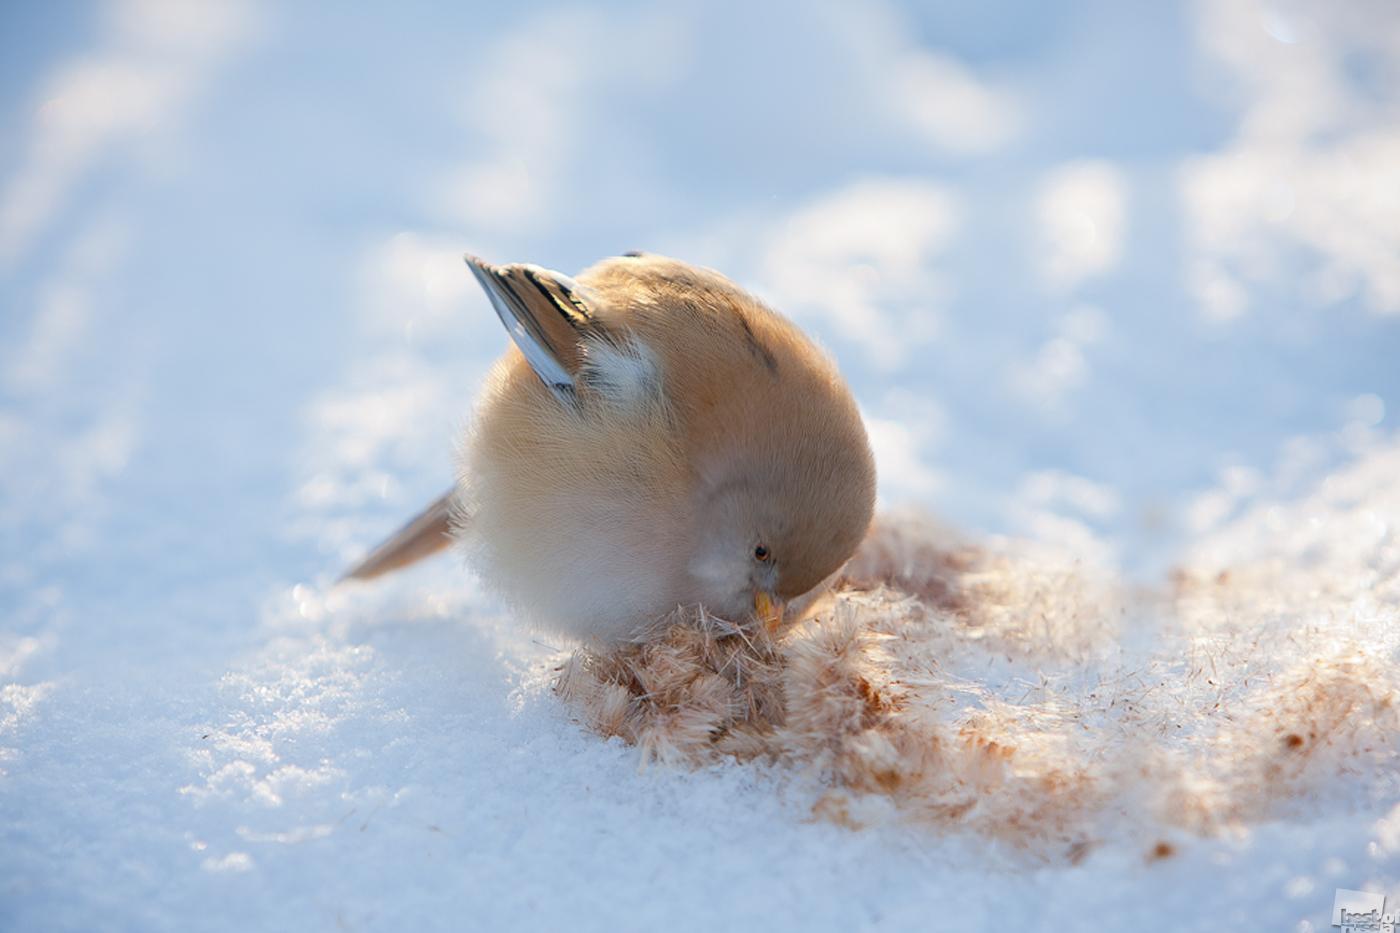 いてつく寒さの貯水池の朝。ガマの穂についた種をつつくメスのヒゲガラ。リペツク州、ヤルルコヴォ